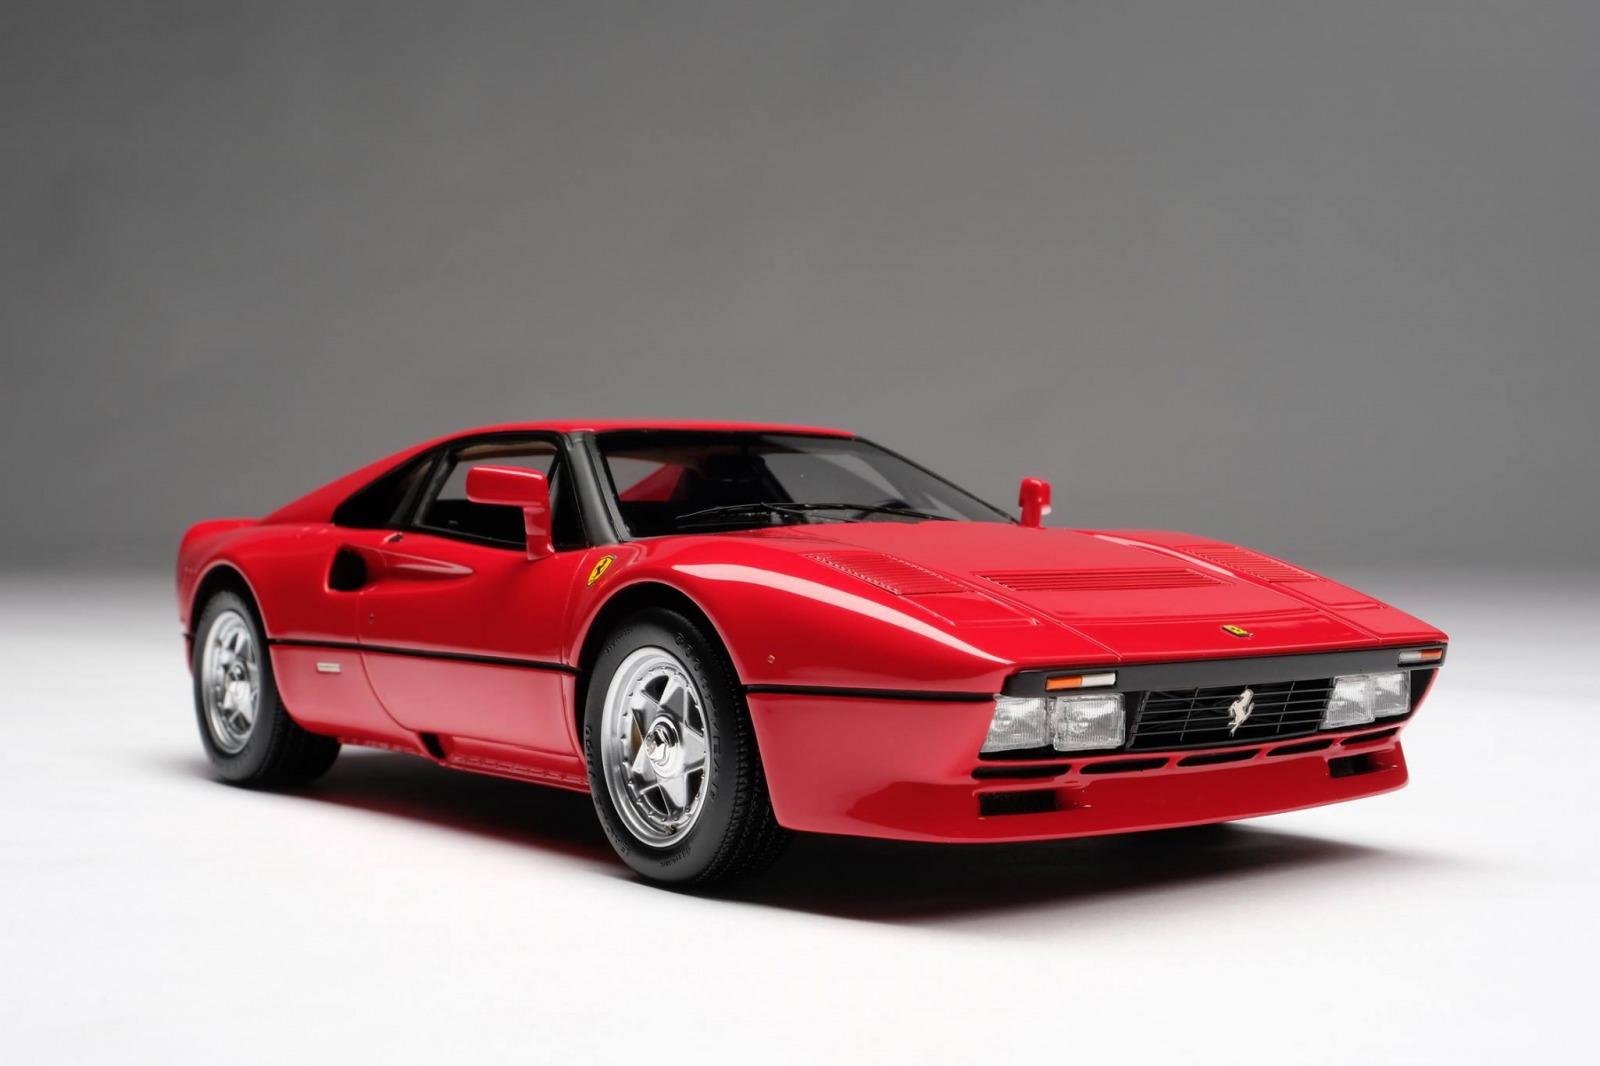 Amalgam Collection アマルガムコレクション 1/18 ミニカー レジン プロポーションモデル 1986年モデル フェラーリ 288 GTO Rosso Corsa レッド1986 Ferrari 288 GTO 1:18 Amalgam Collection